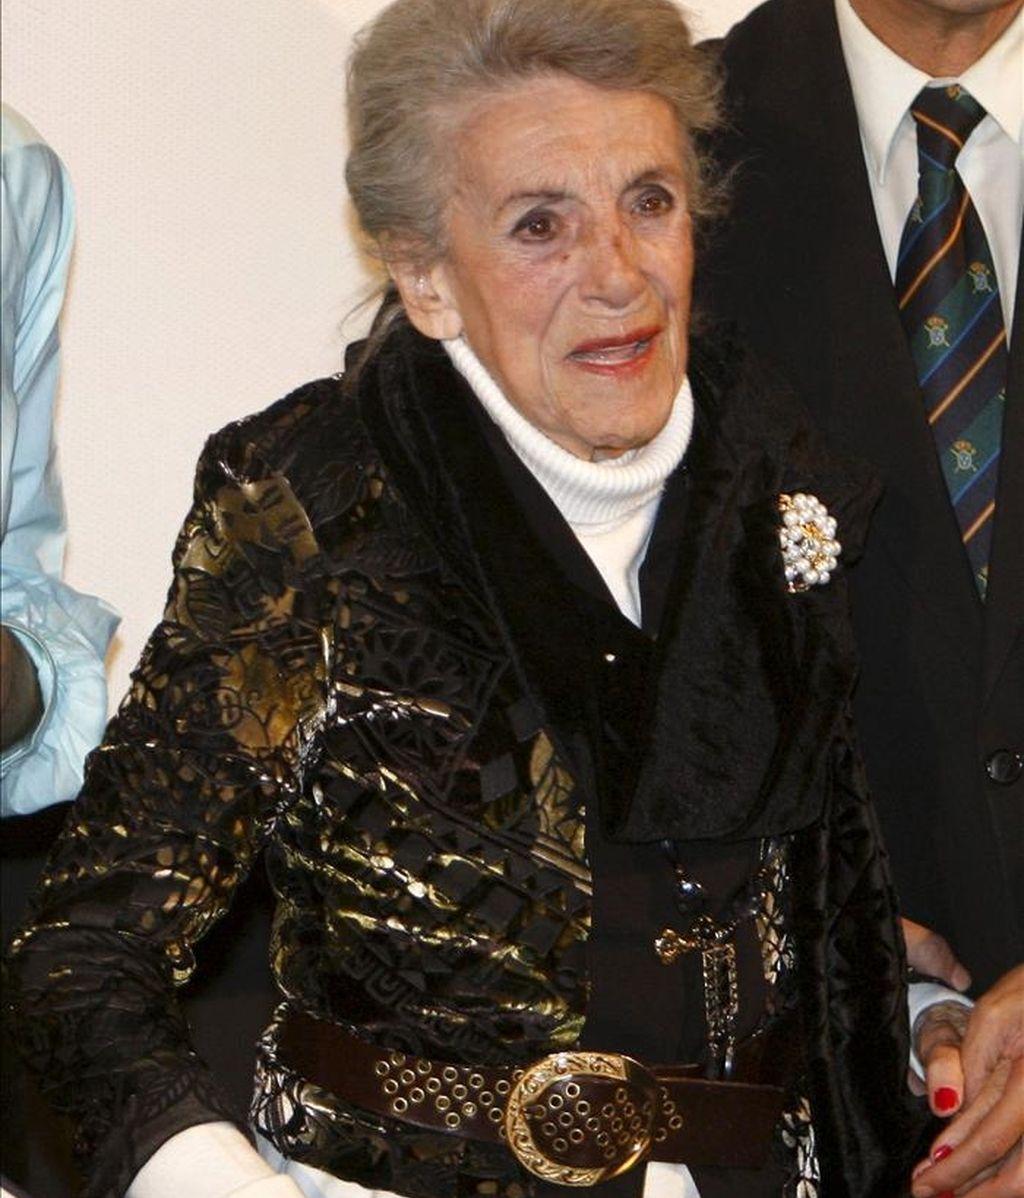 En la imagen, la actriz María Isbert, que hoy cumple 94 años, quien permanece con pronóstico reservado en el hospital de Villarrobledo (Albacete), donde ingresó el pasado domingo. EFE/Archivo